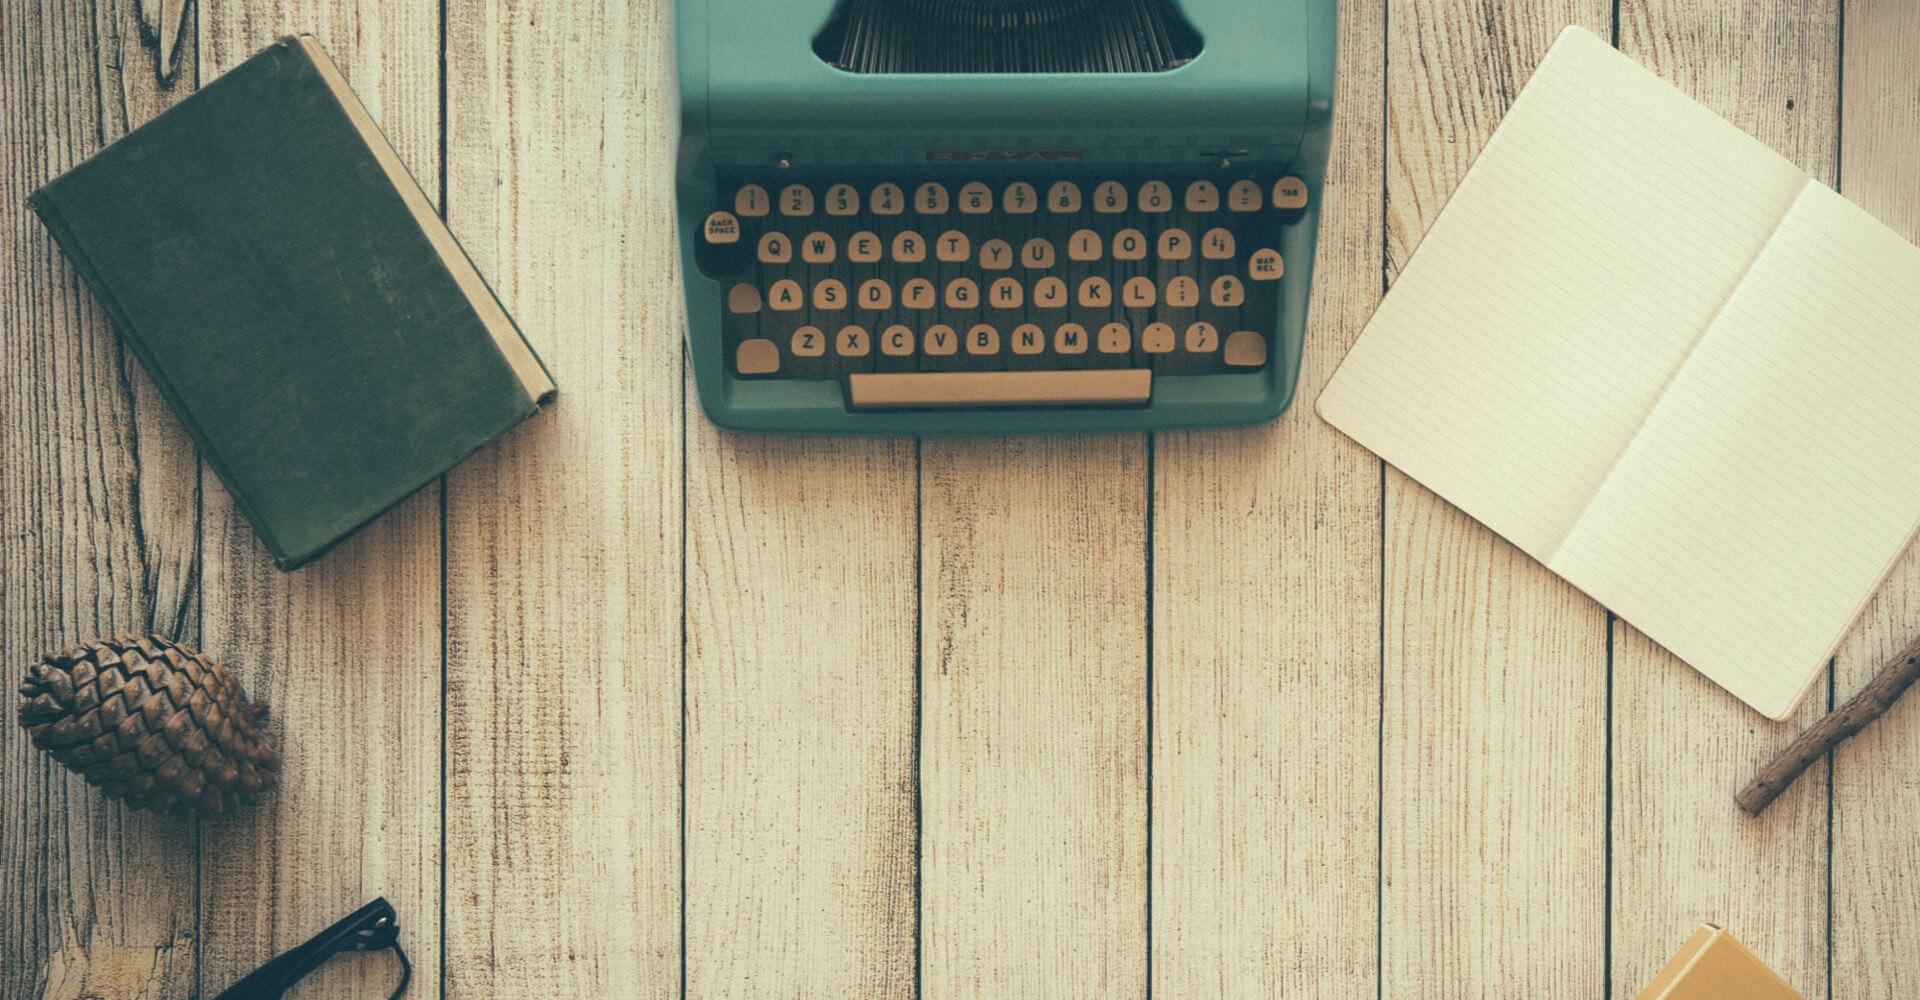 Maszyna do pisania, notatnik i książka na tle z desek.